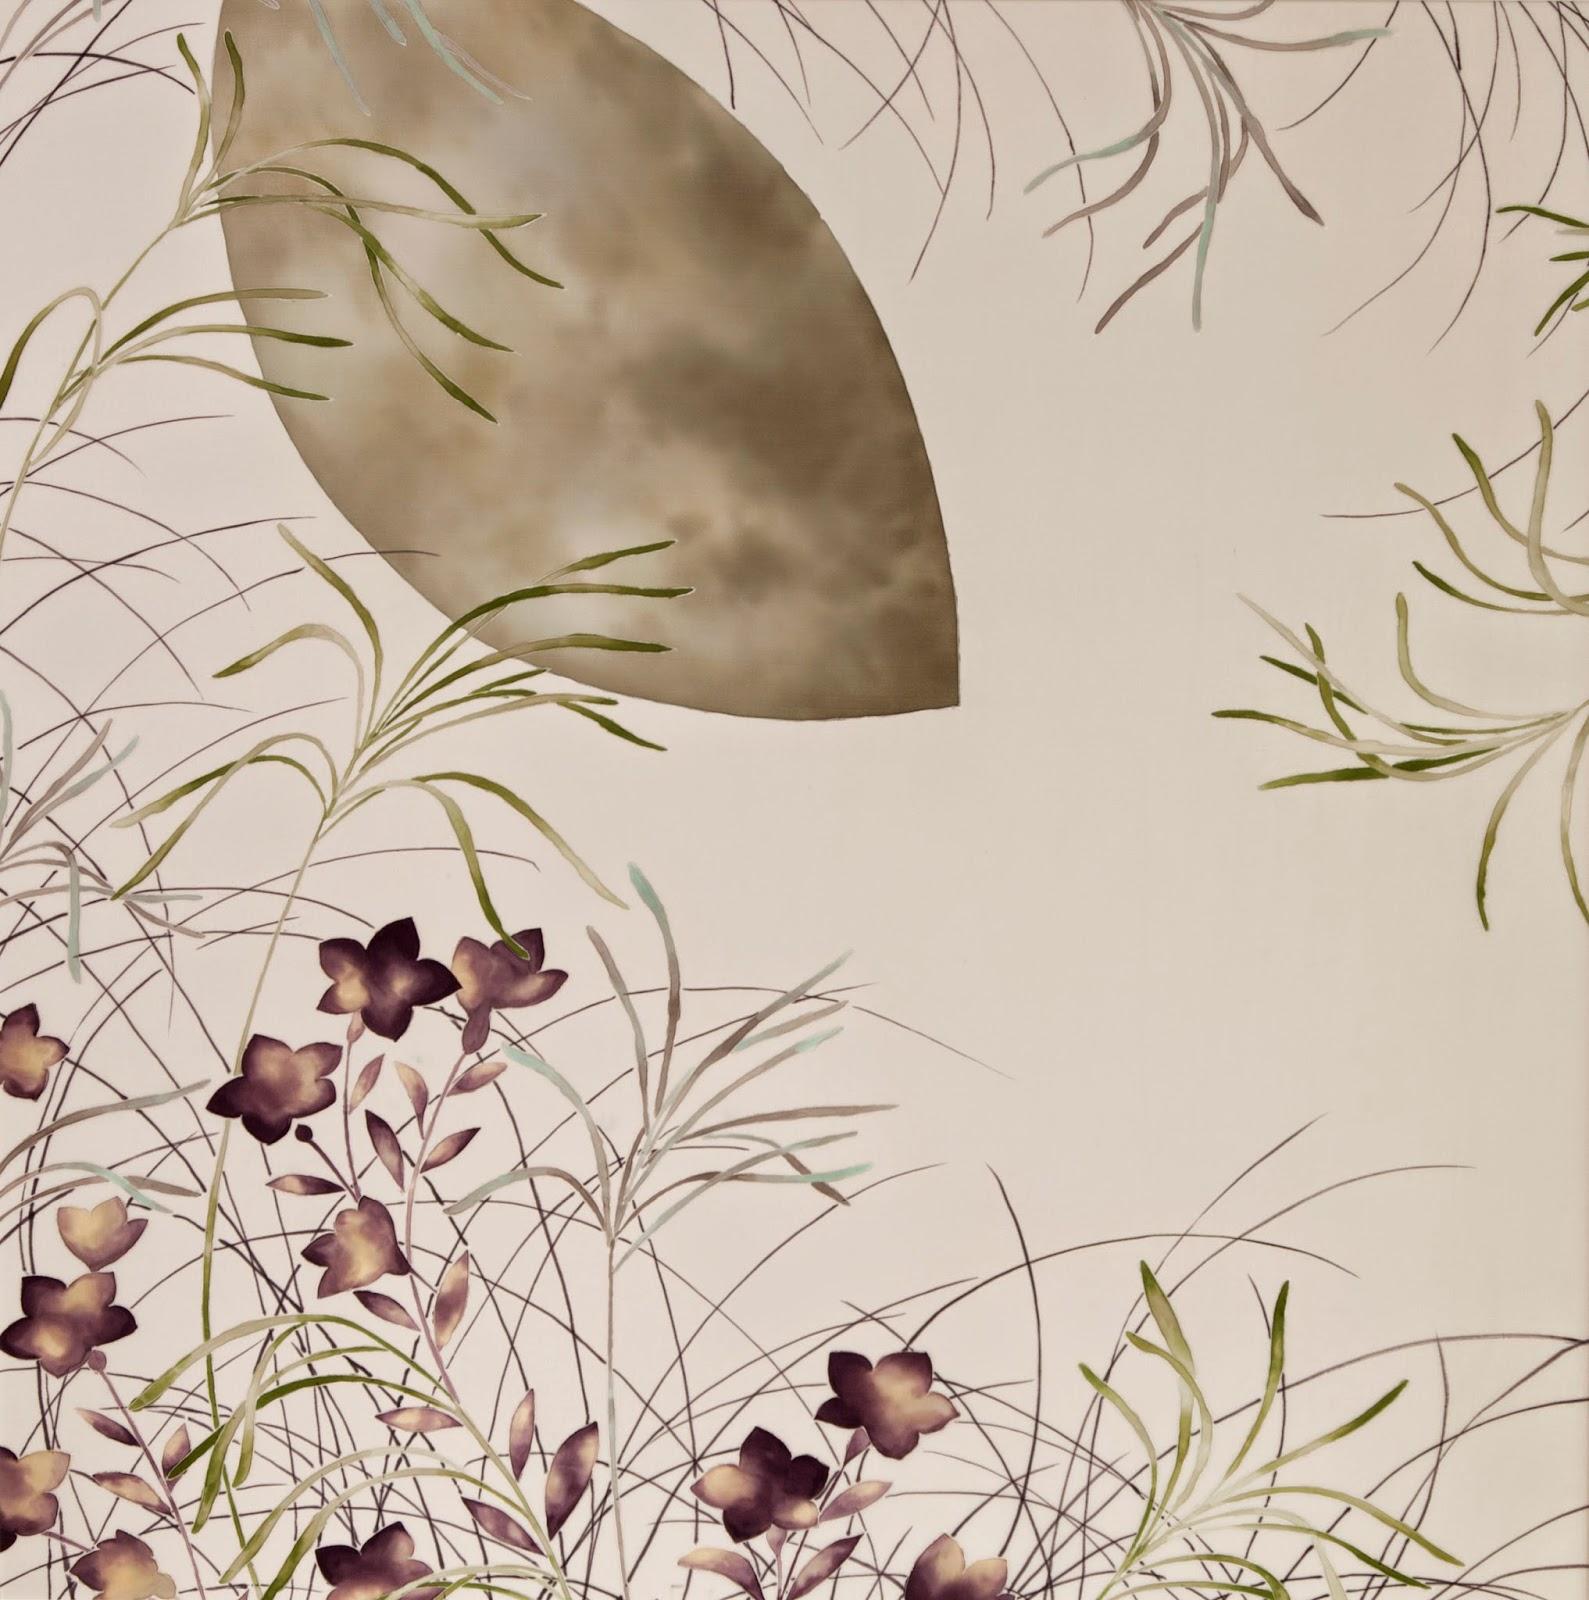 【今週のおすすめアート】「ぼくらが琳派を継いでいく」 展:2月4日~会場AL